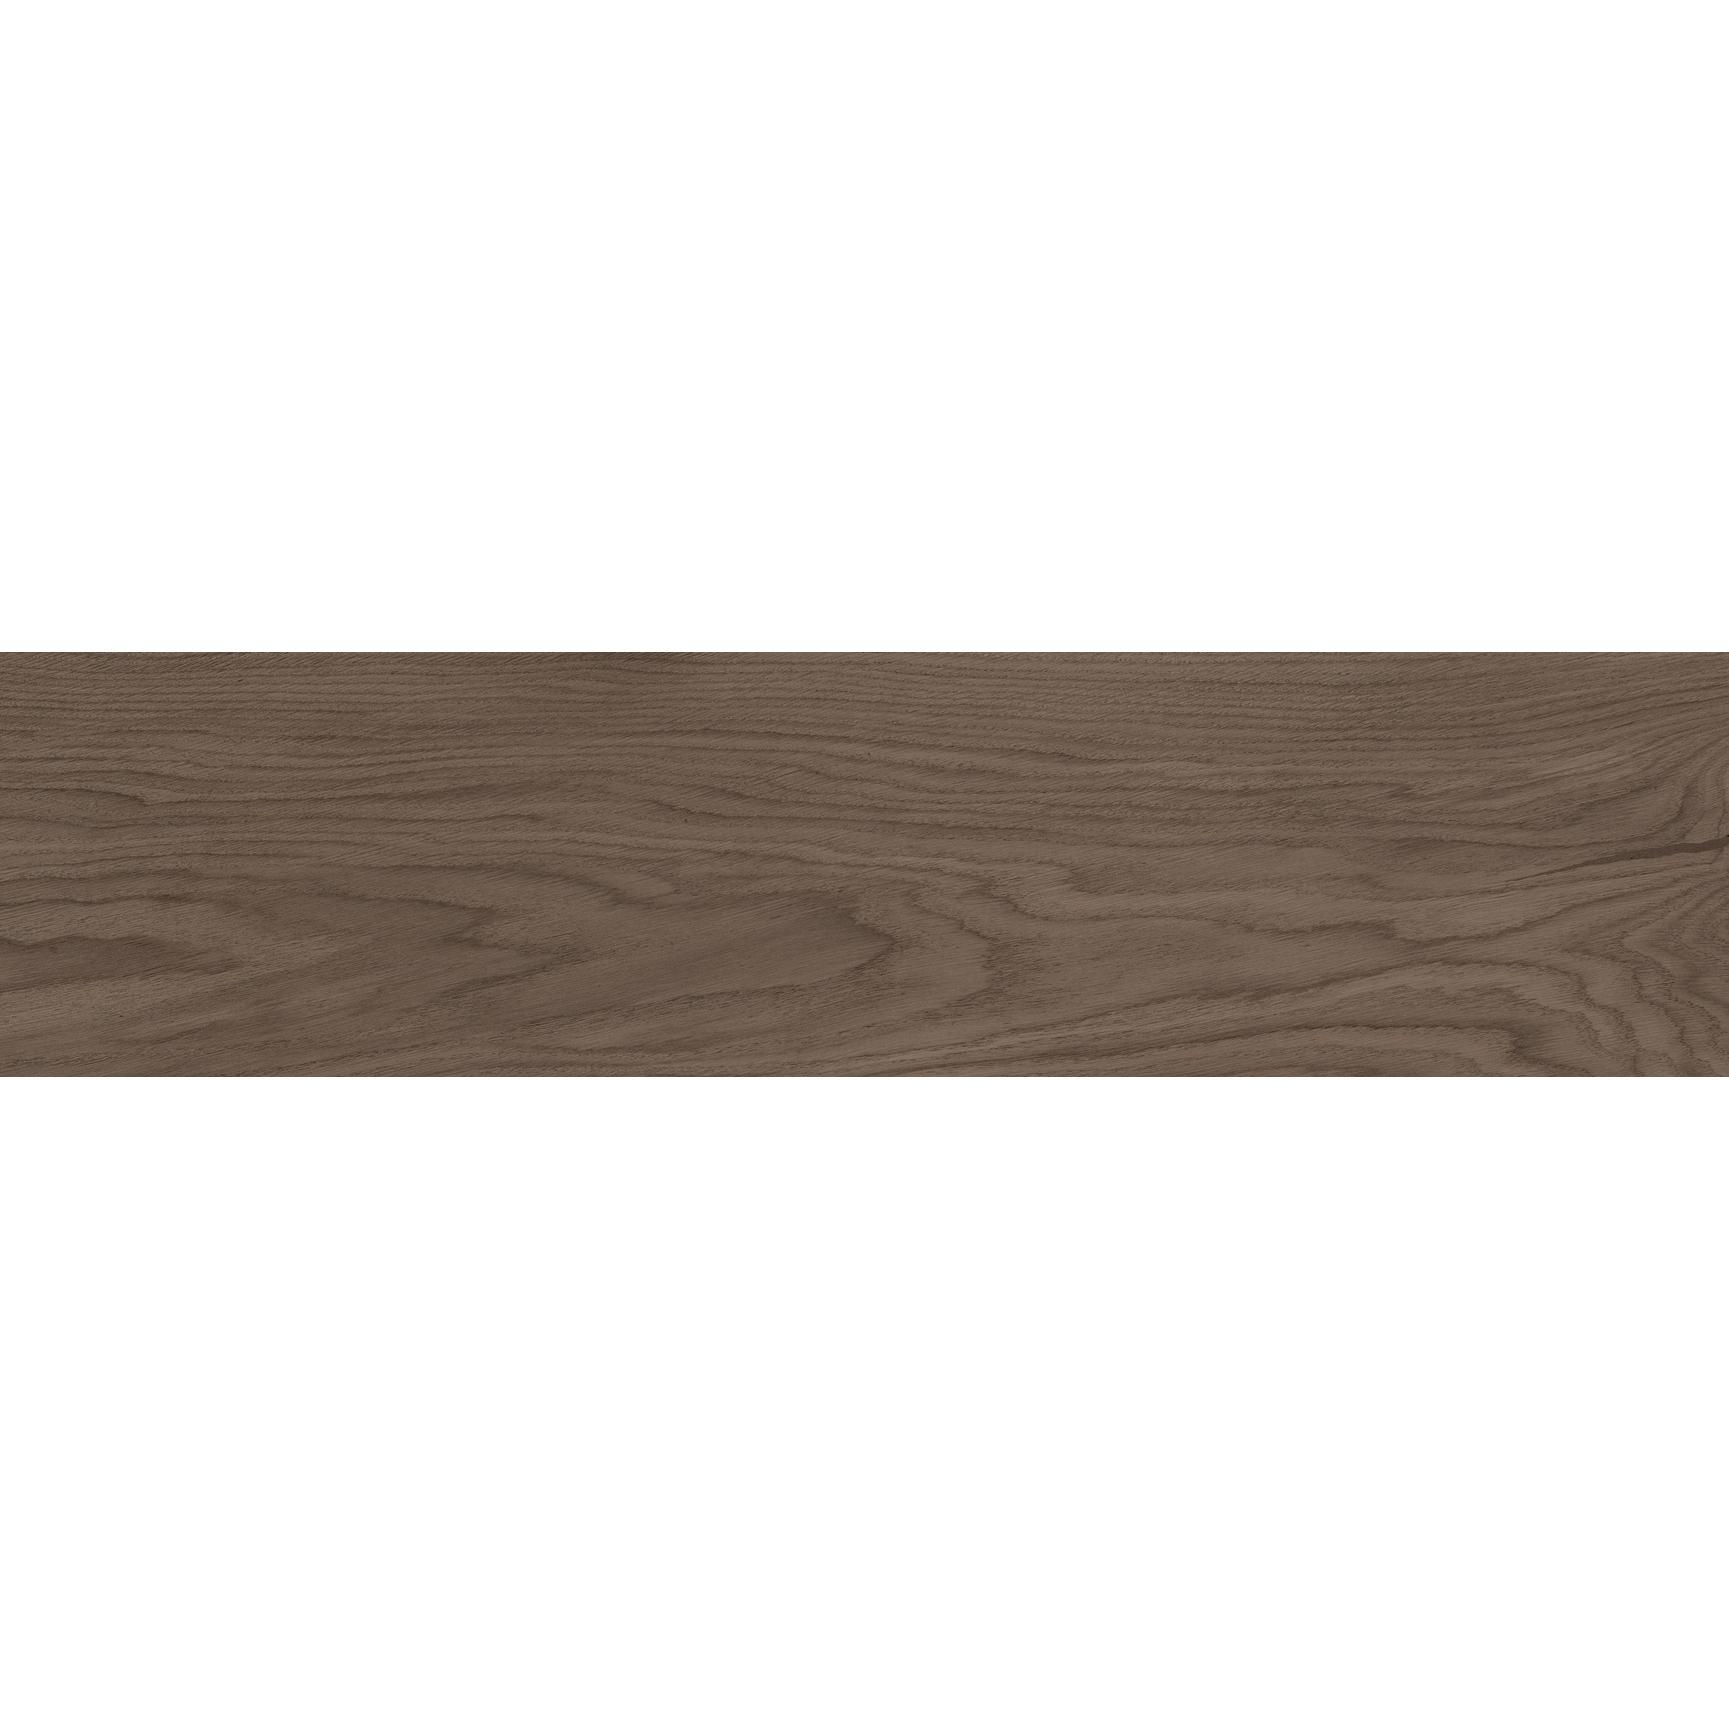 Płytki ceramiczne podłogowe Ixora Brown 15x60 gat. II